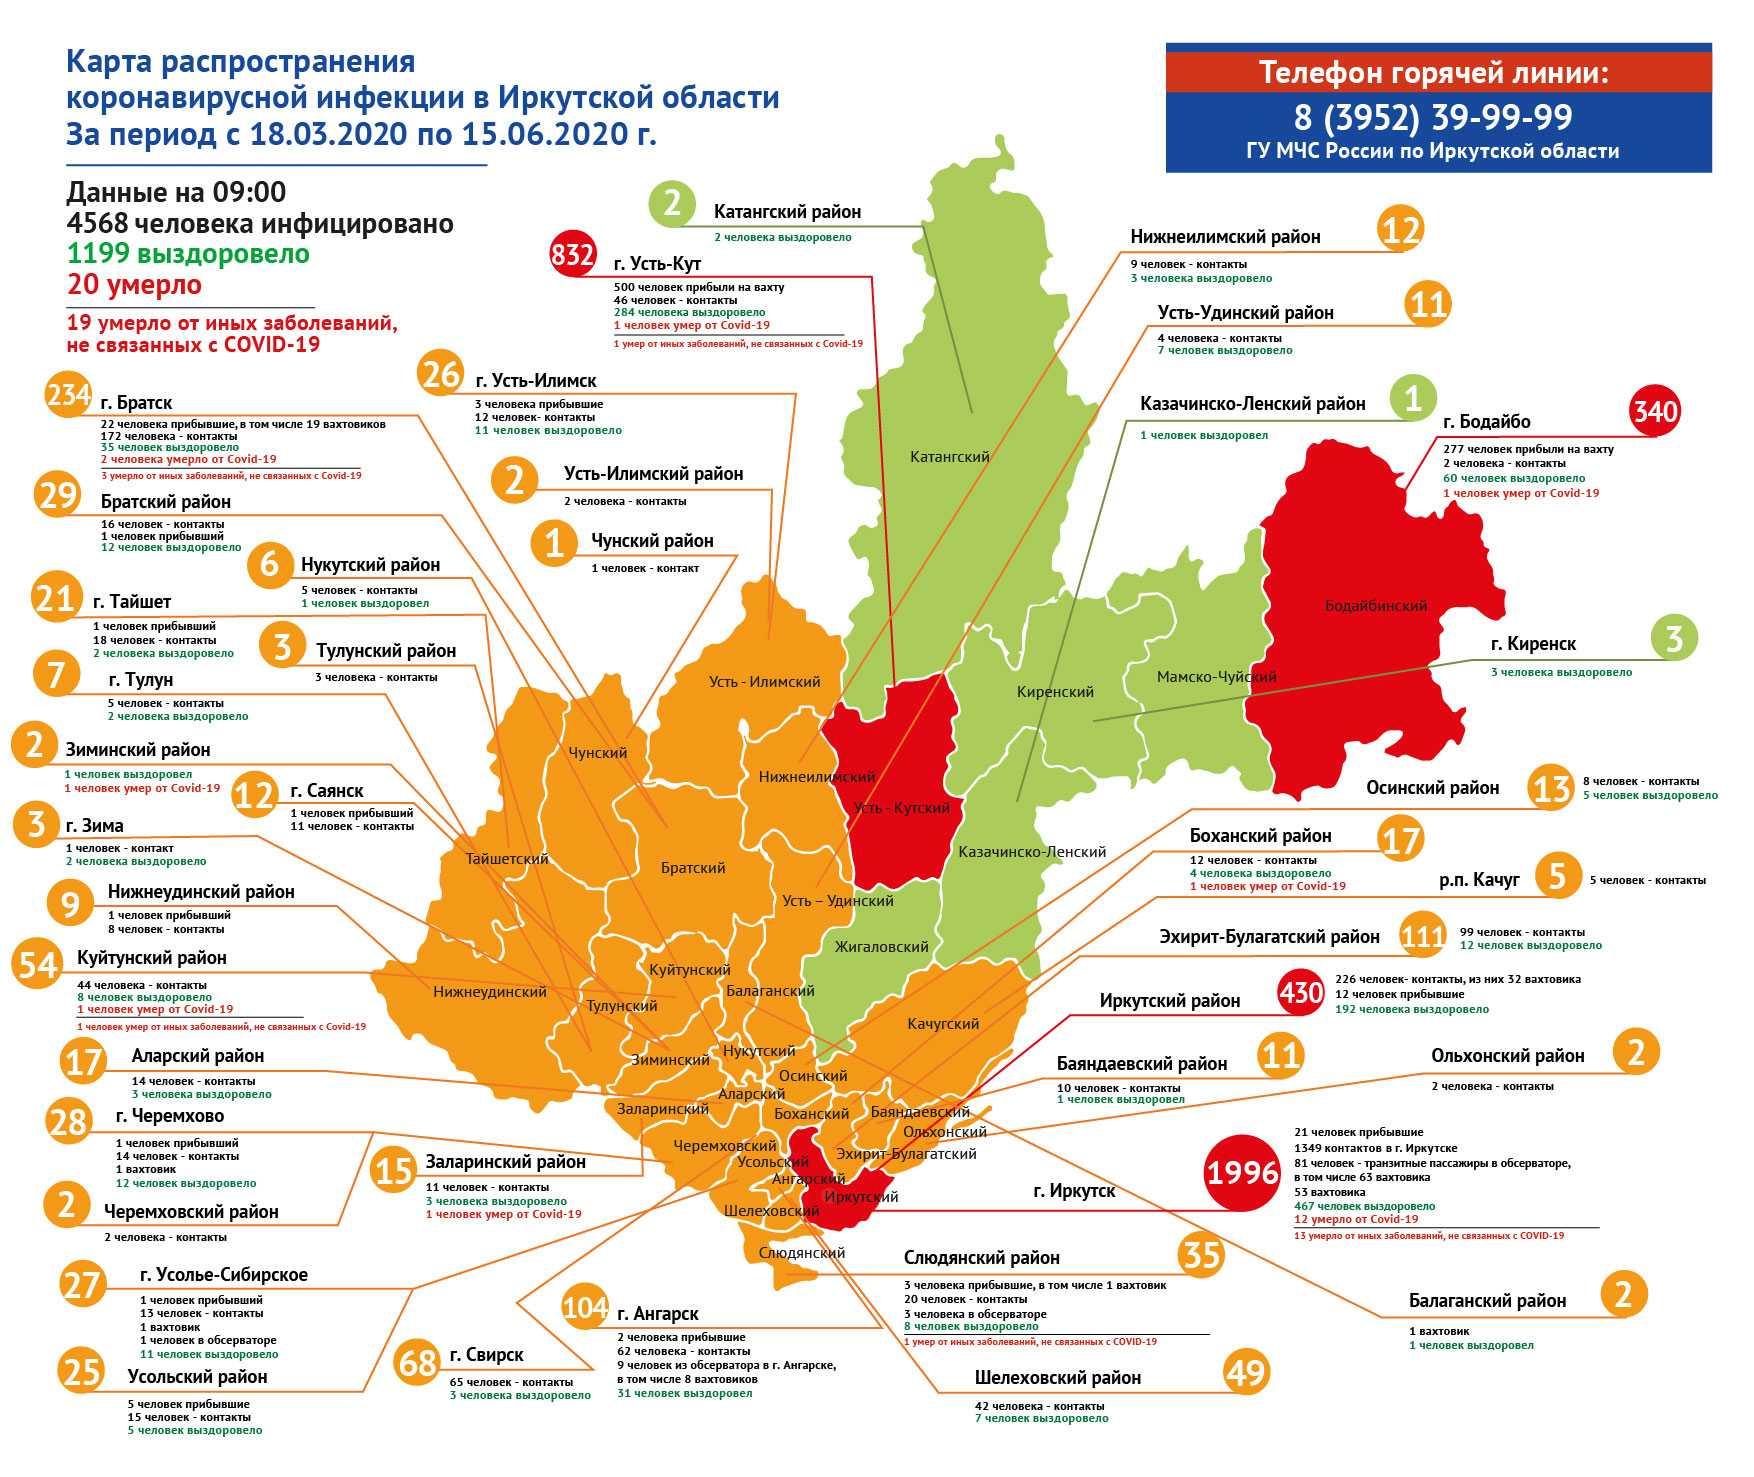 География распространения COVID-19 по области 15 июня 2020